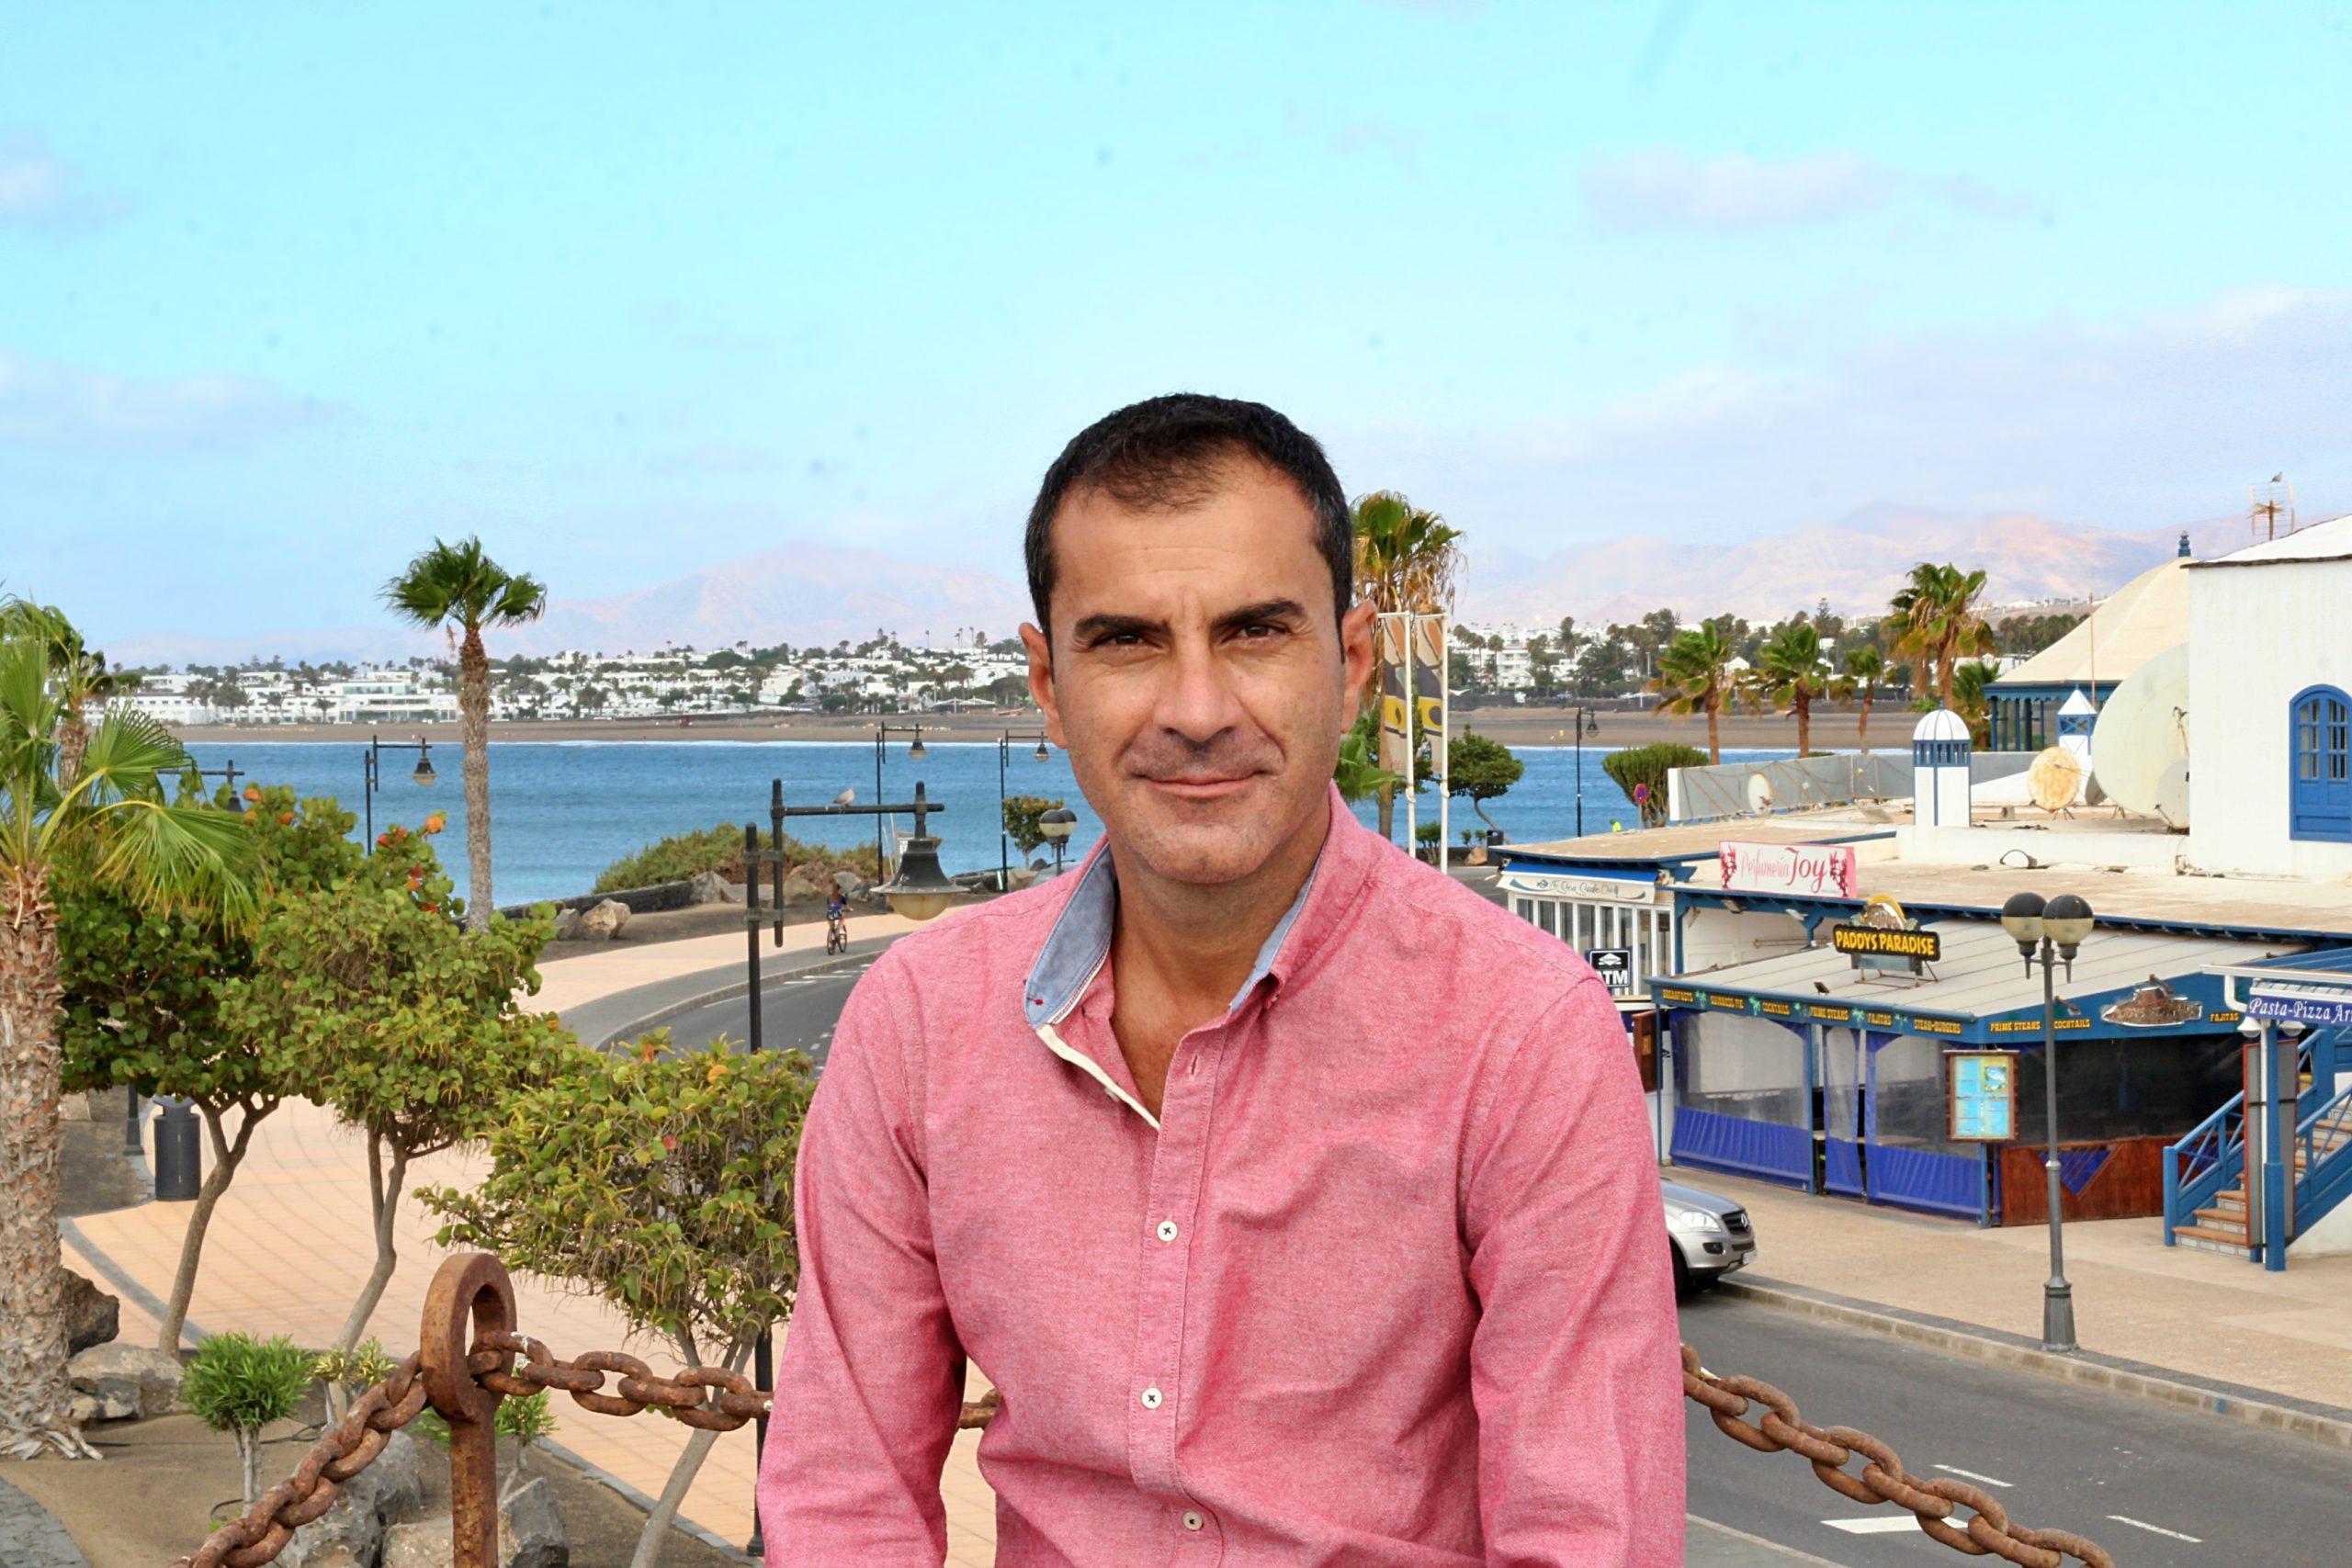 Tías consigue entrar en la Red de Destinos Turísticos Inteligentes impulsada por el Gobierno de España